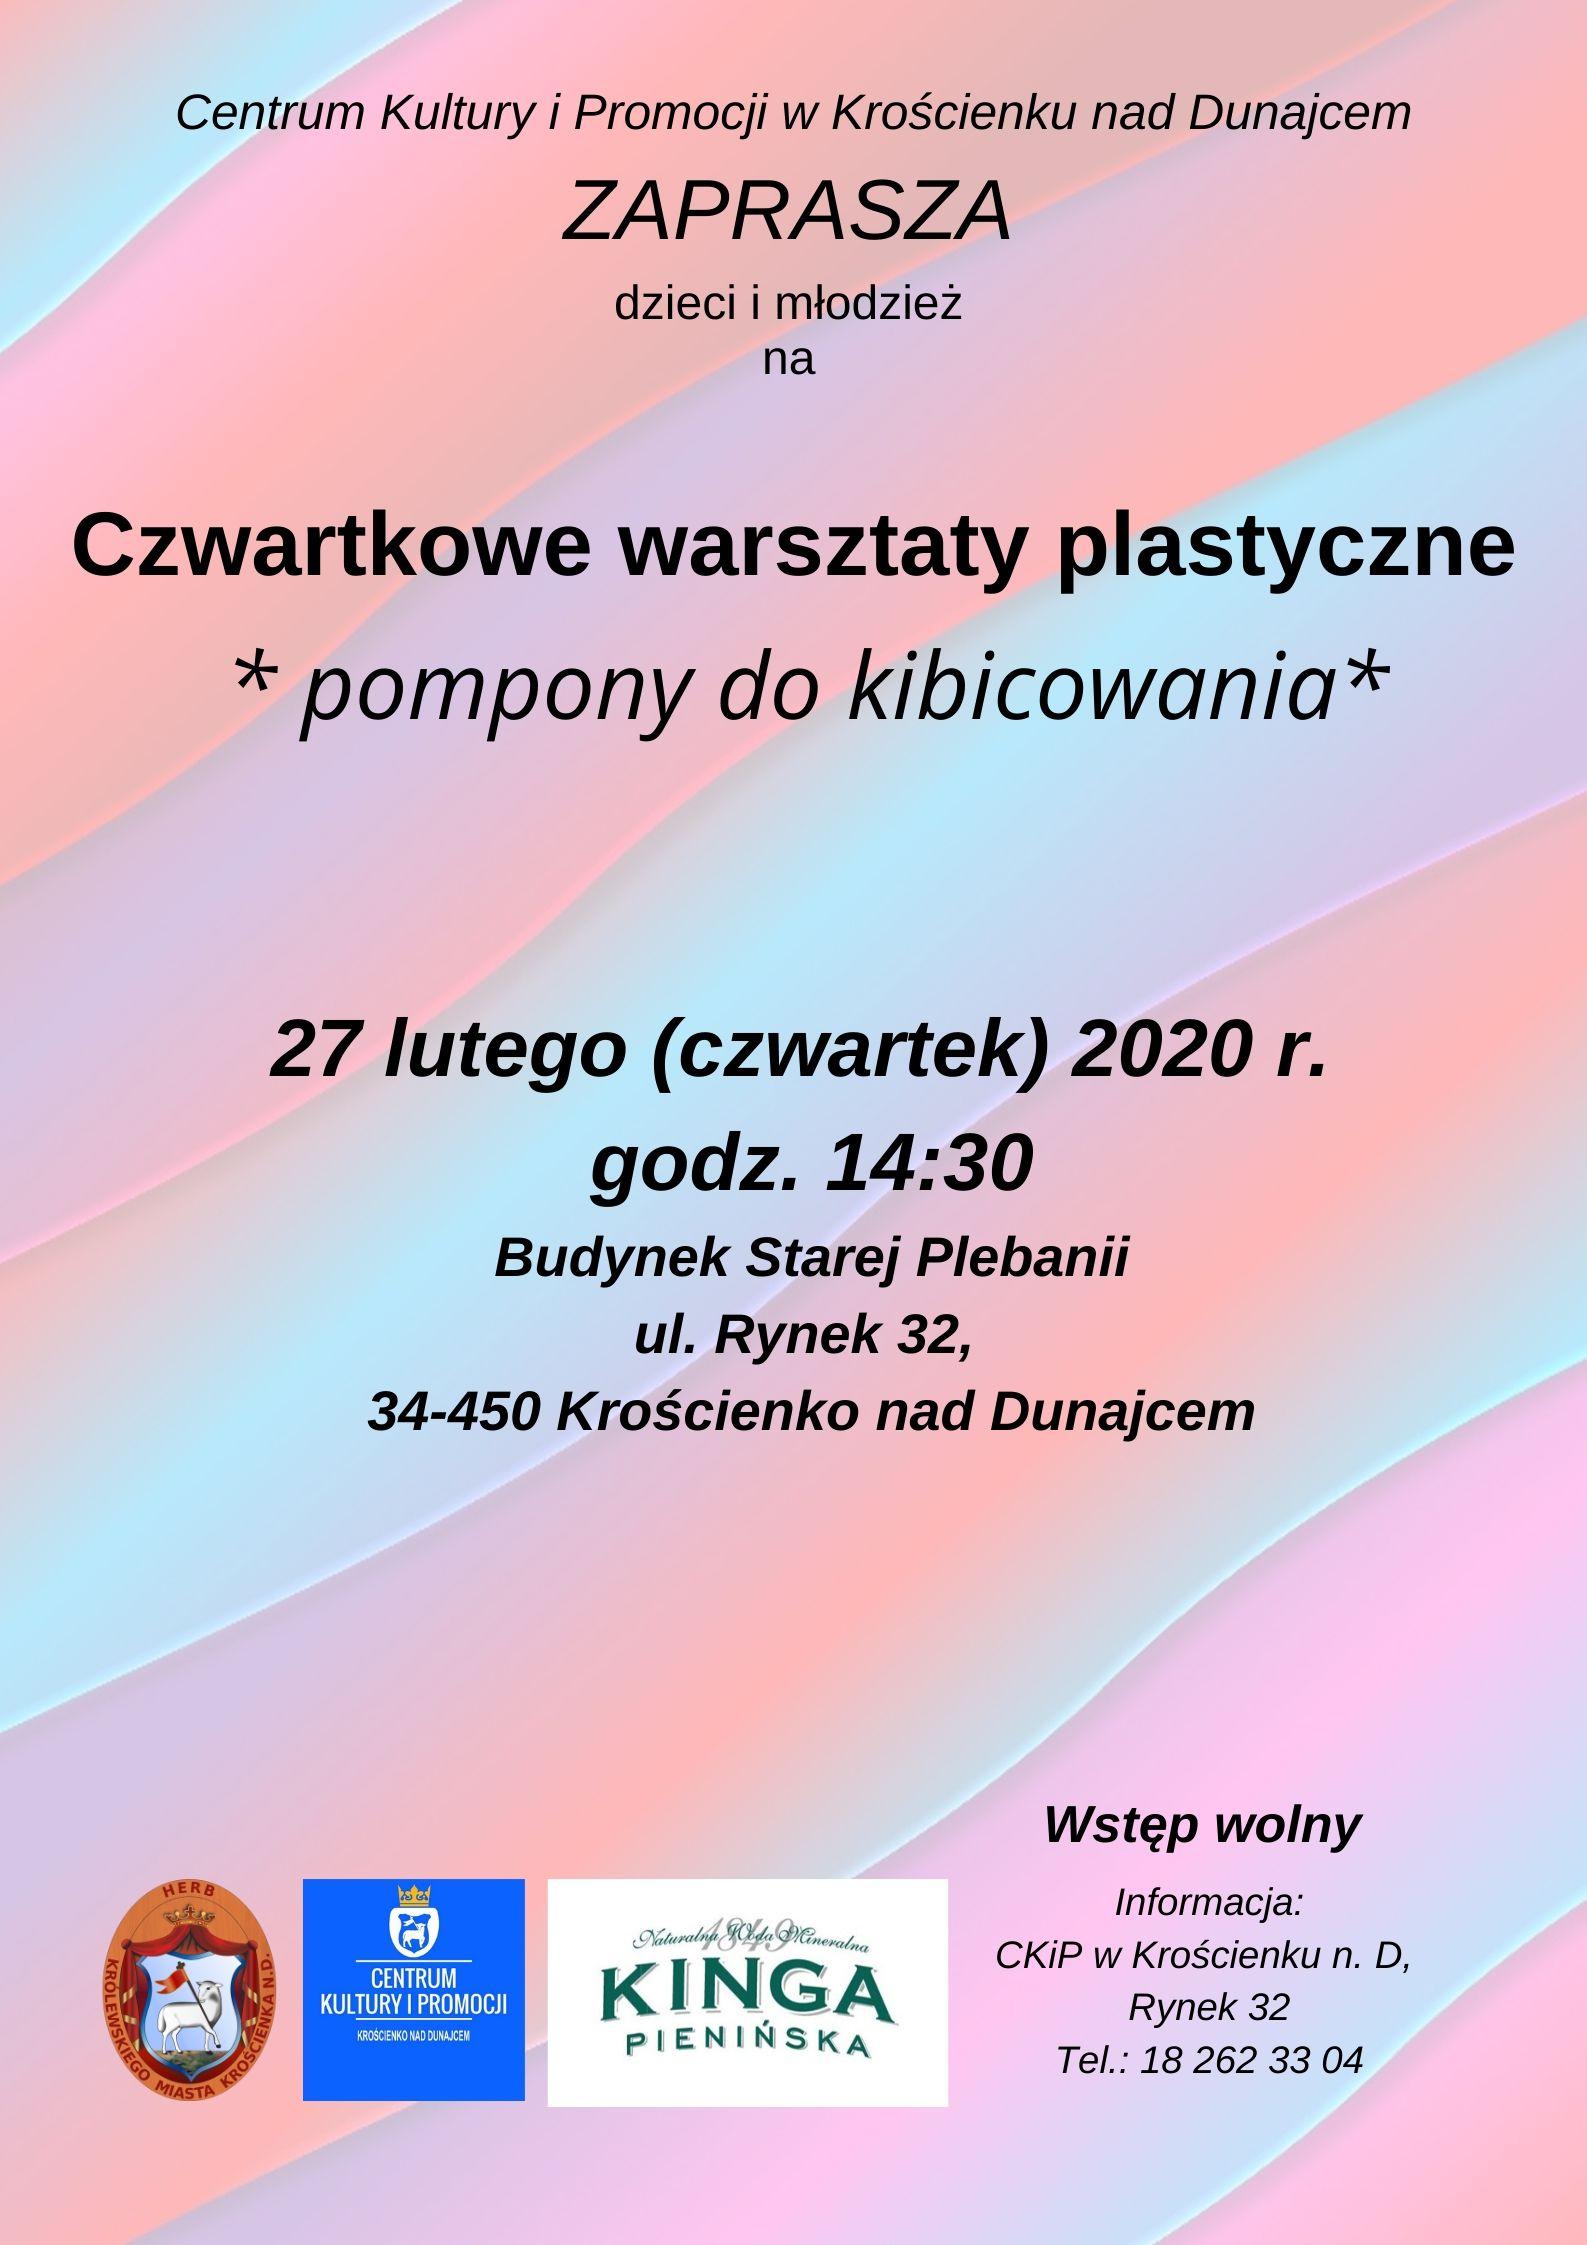 Warsztaty plastyczne - pompony do kibicowania